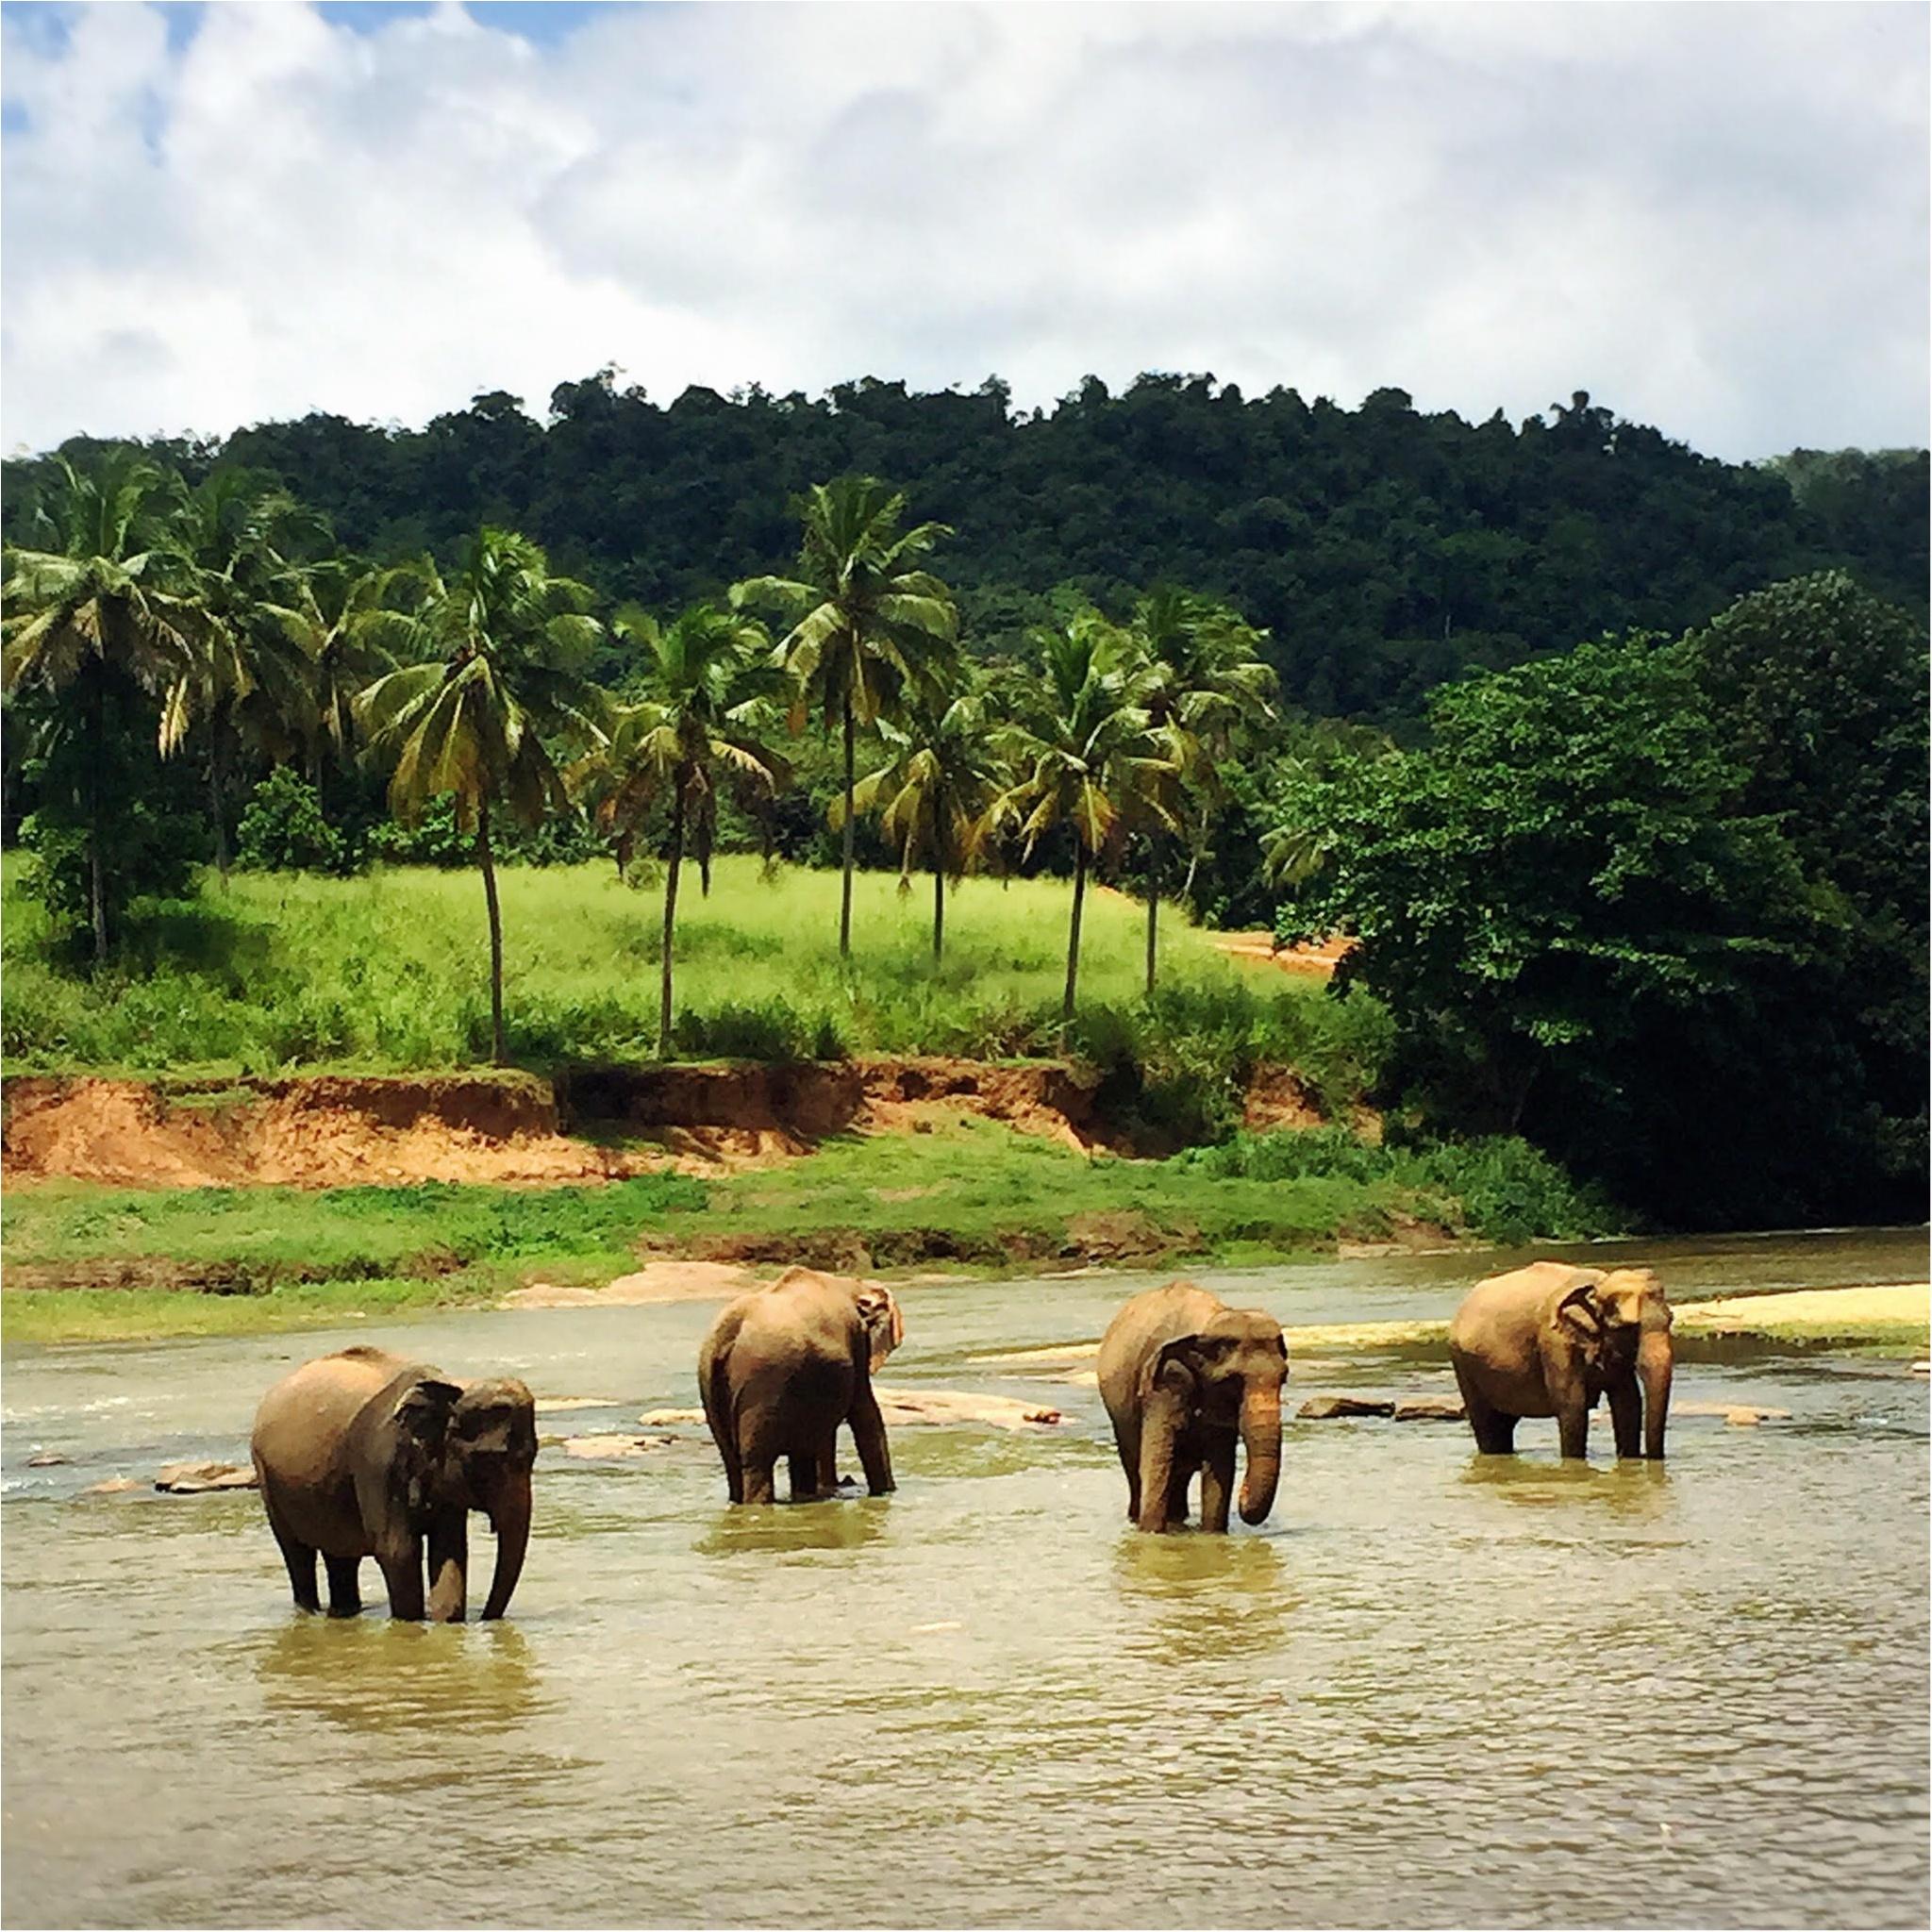 海外旅行でおすすめの癒しの国「スリランカ」♡_1